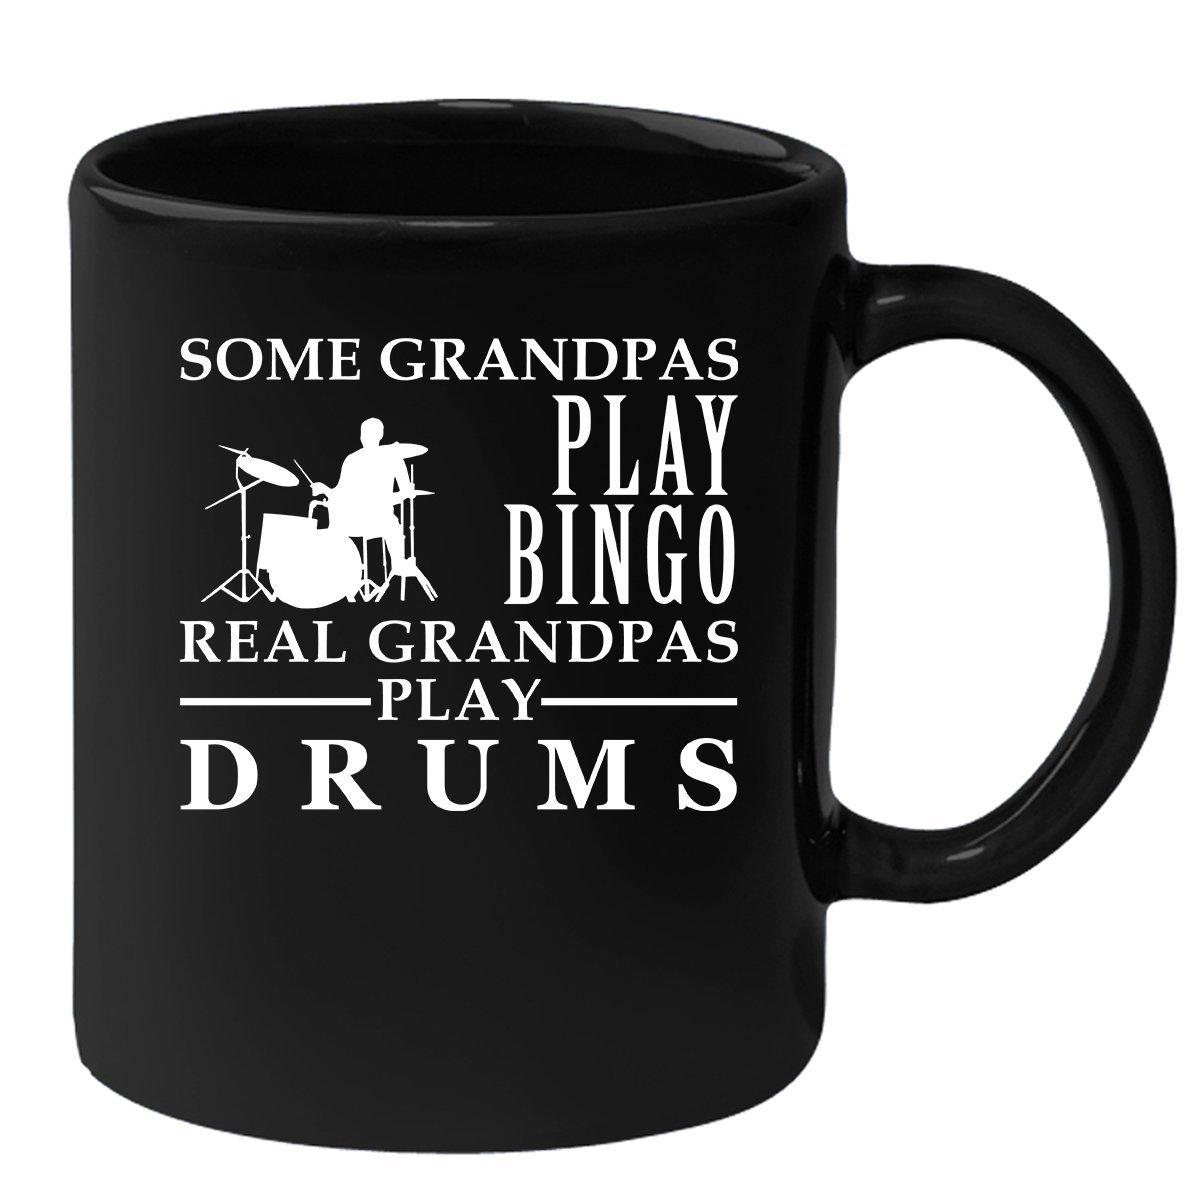 Drums Black Mug, Grandpa Birthday Present Mug, Funny Mug for Coffee 11oz Some Grandpas play bingo, real Grandpas play Drums by the cool sloth